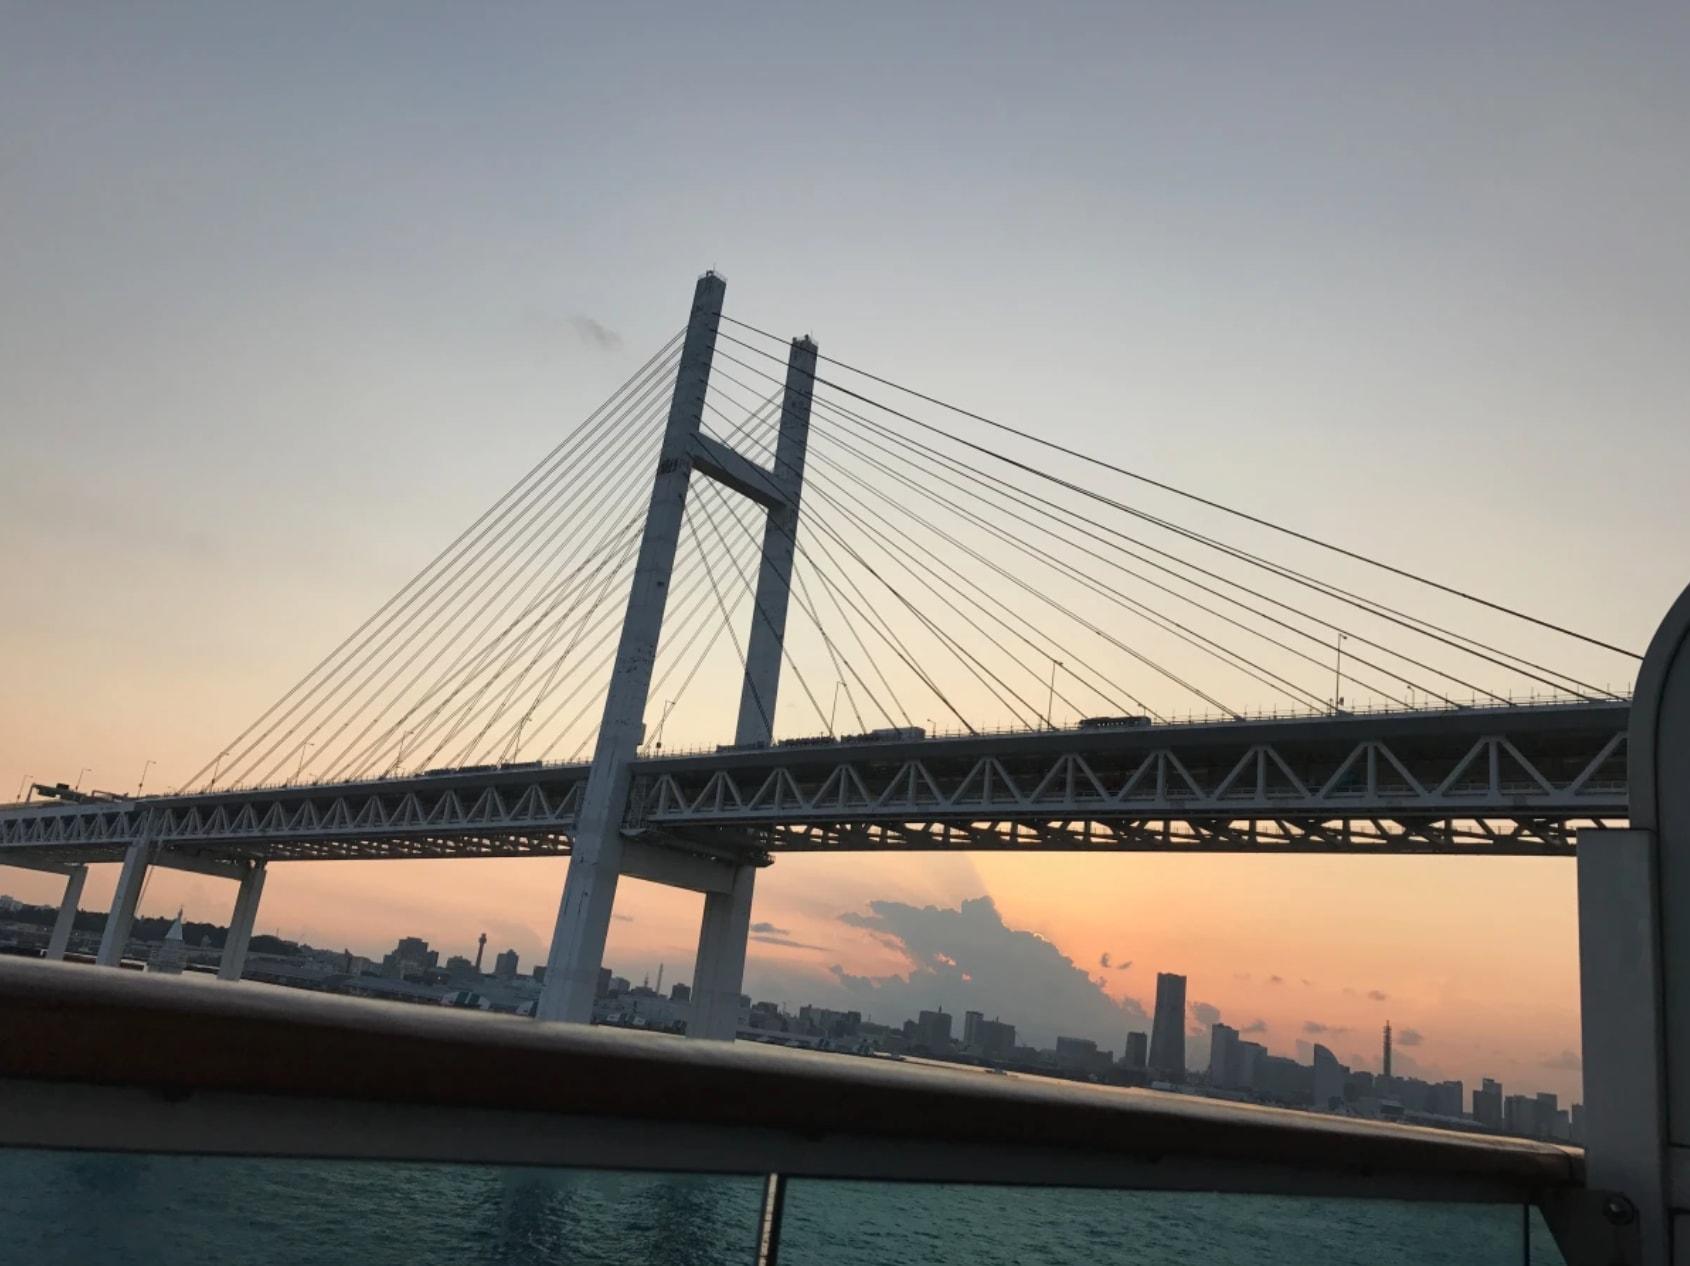 横浜港、客船のフォトコンテストを実施